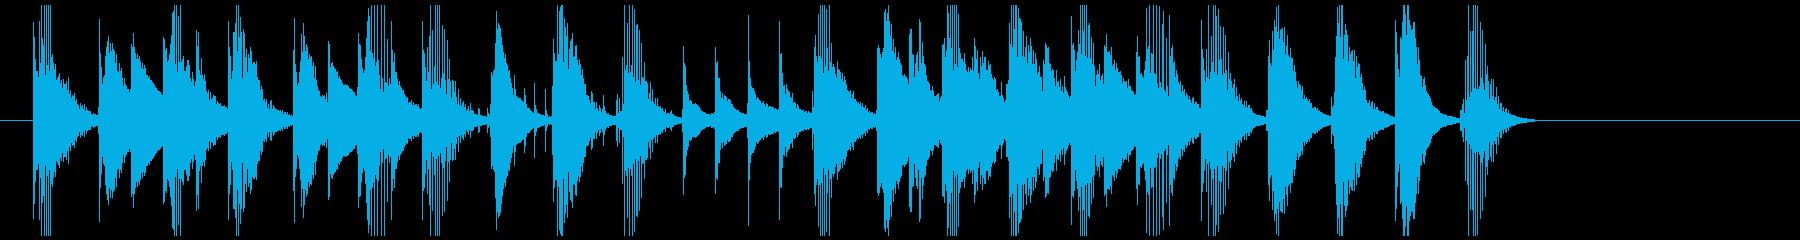 ほのぼの おもちゃのピアノのワルツの再生済みの波形